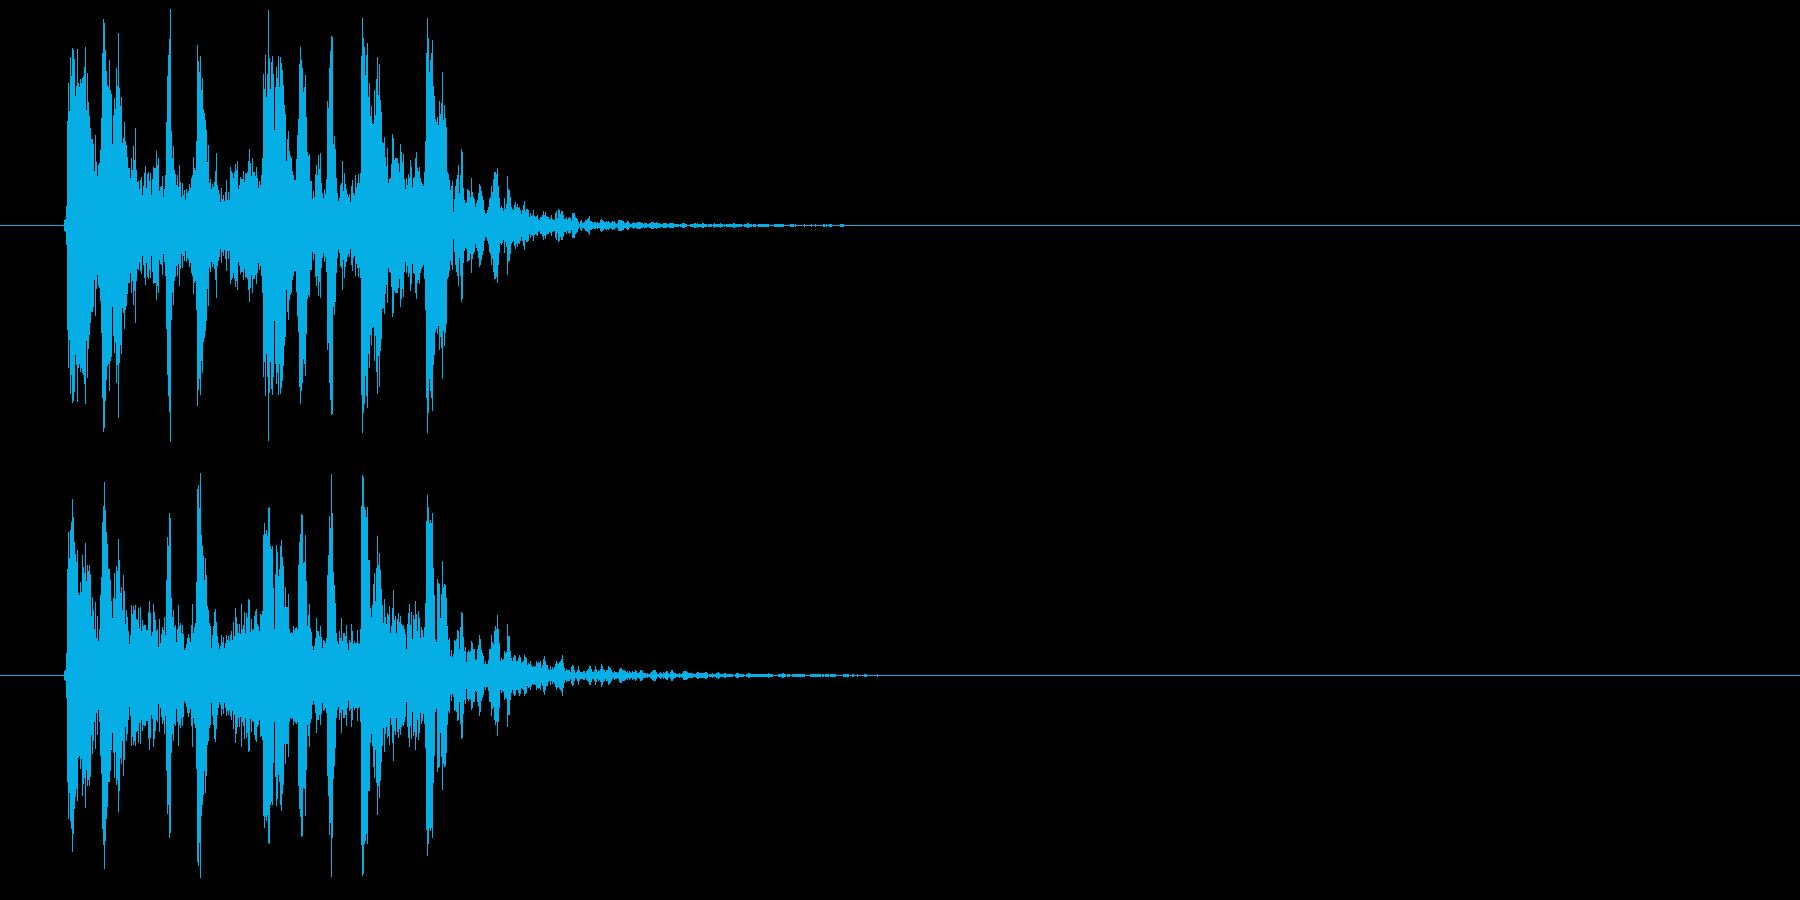 疾走感のあるテクノ音楽の再生済みの波形